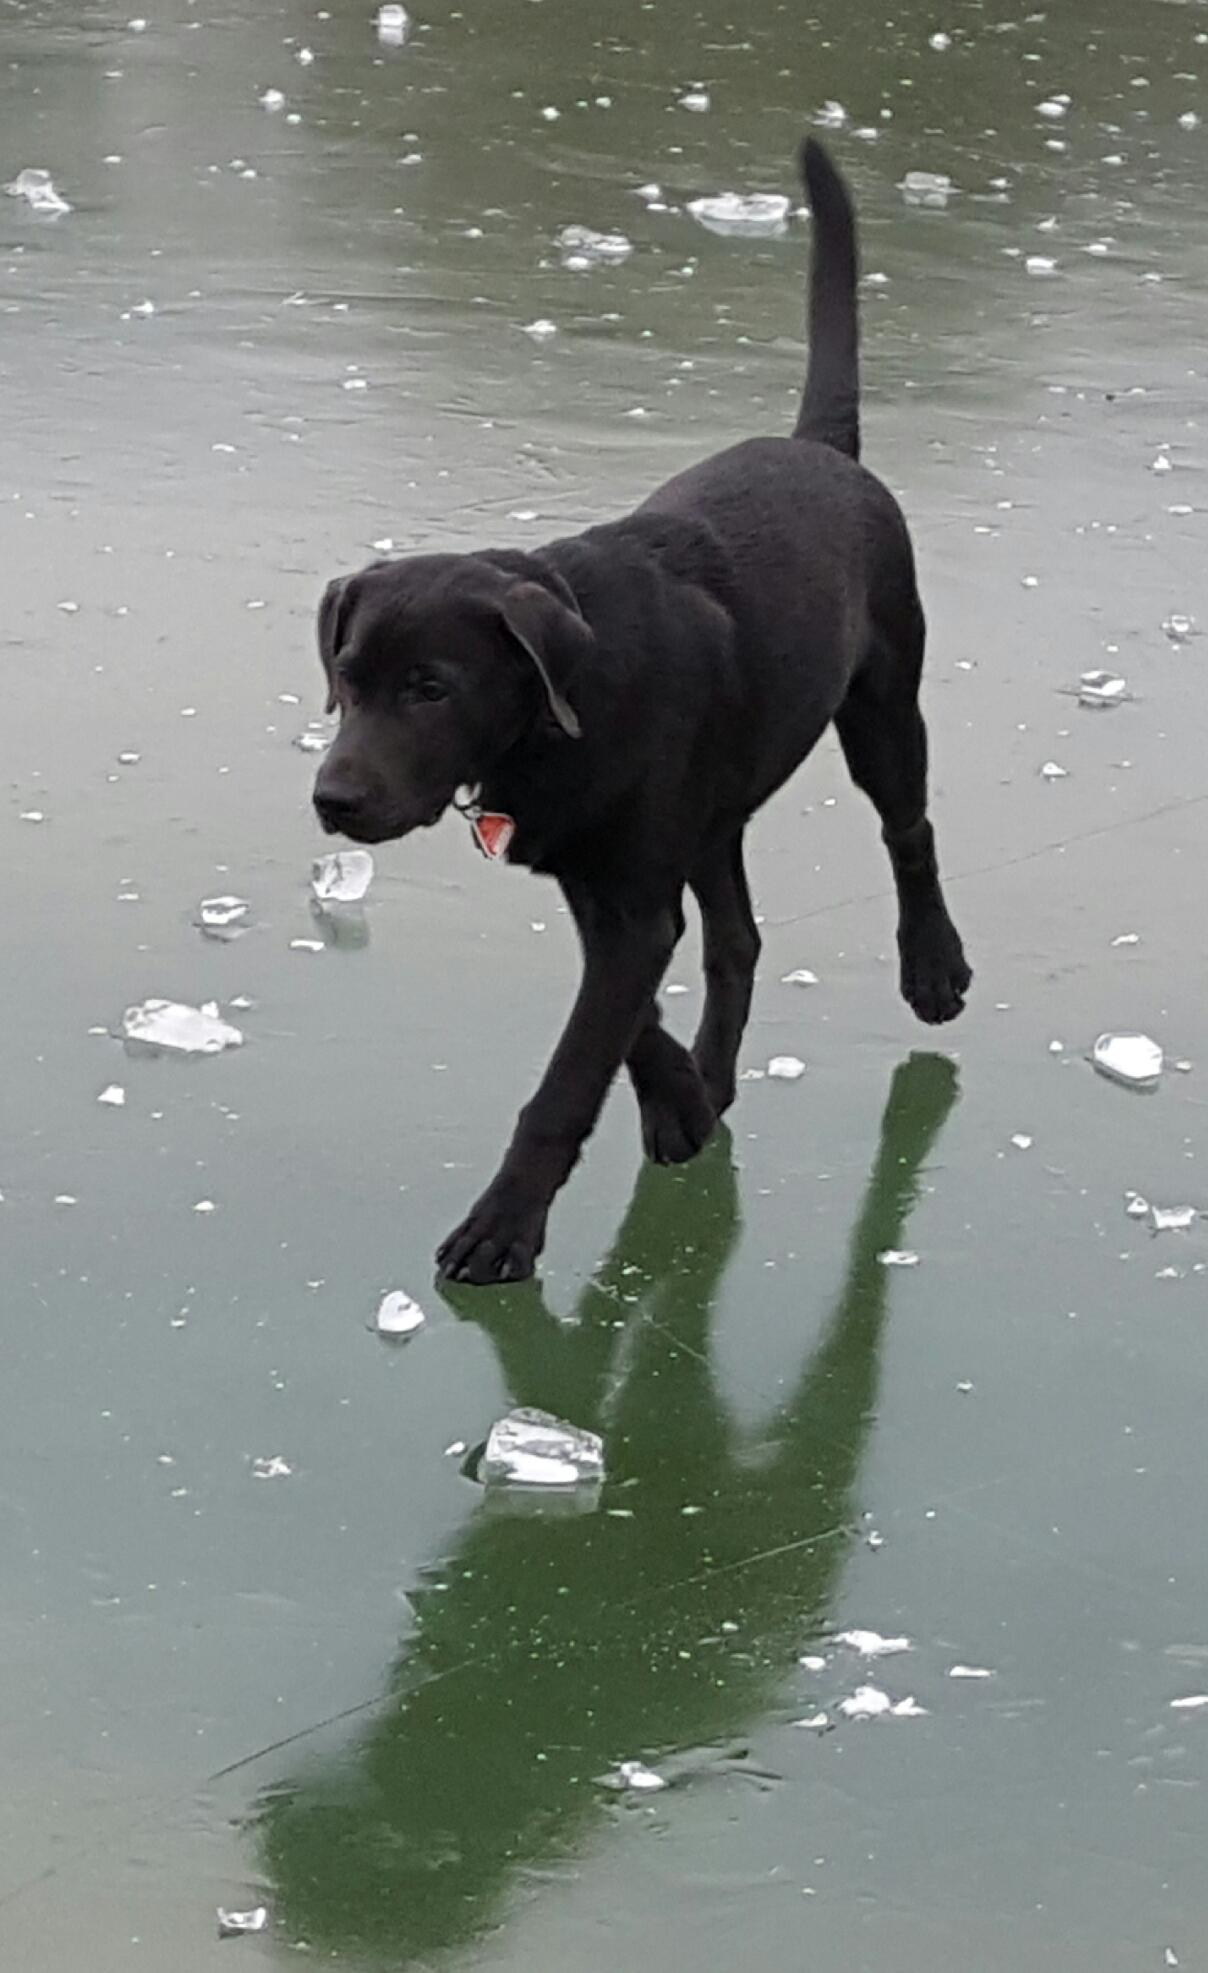 Auf dem zugefrorenen See spazieren war cool.